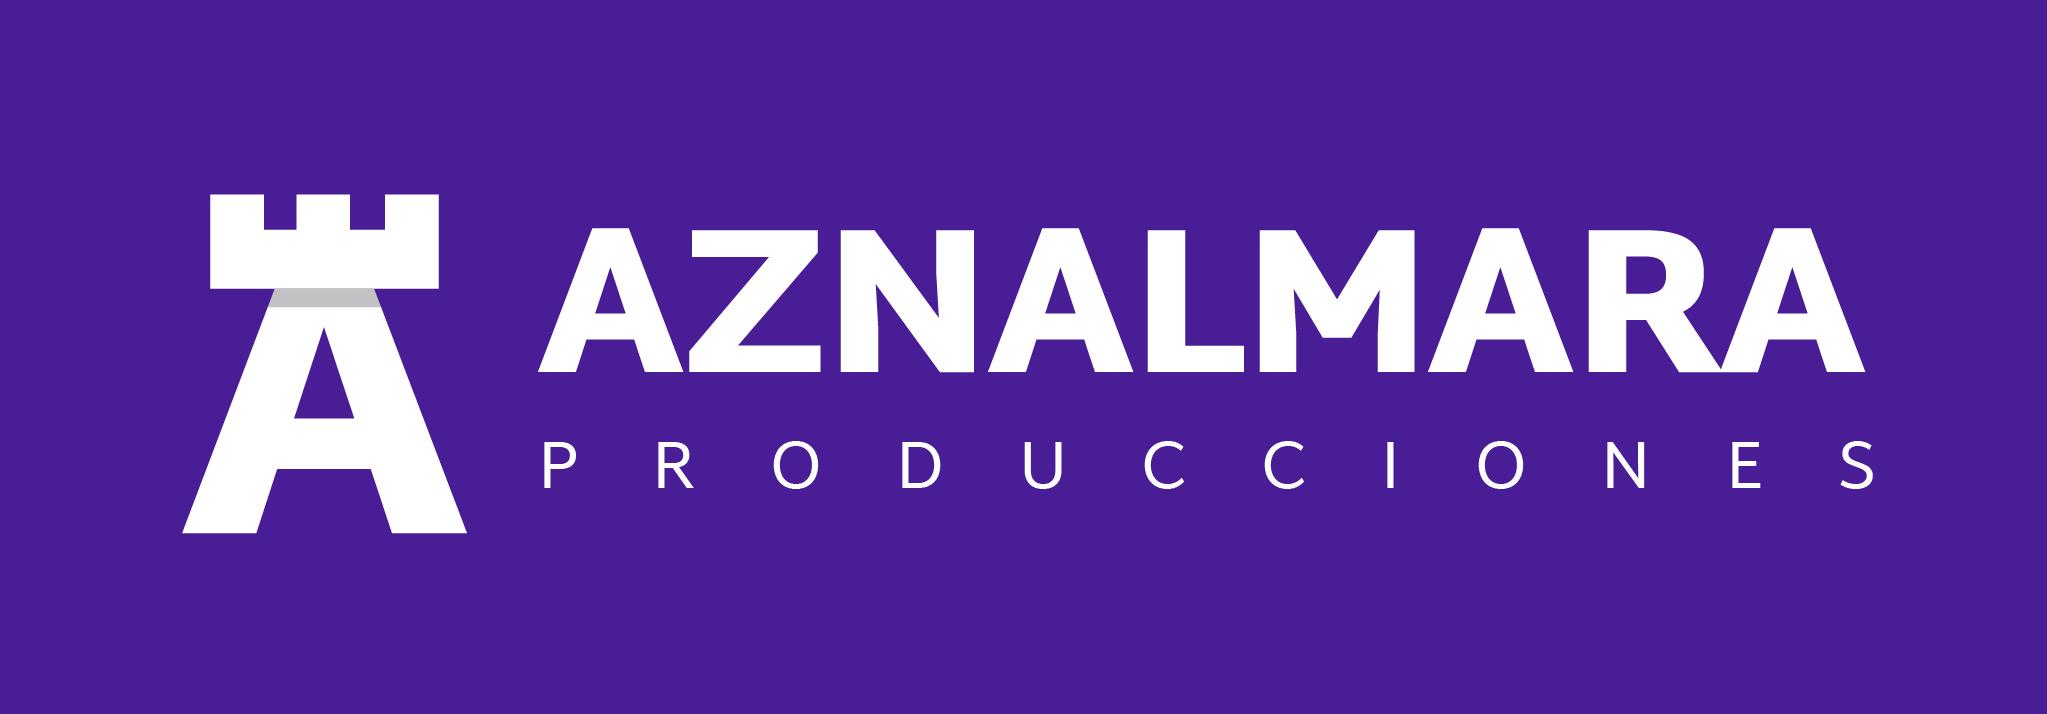 LOGO_AZNALMARA®_PRODUCCIONES_BLANCO_FONDO_MORADO_IZQDA